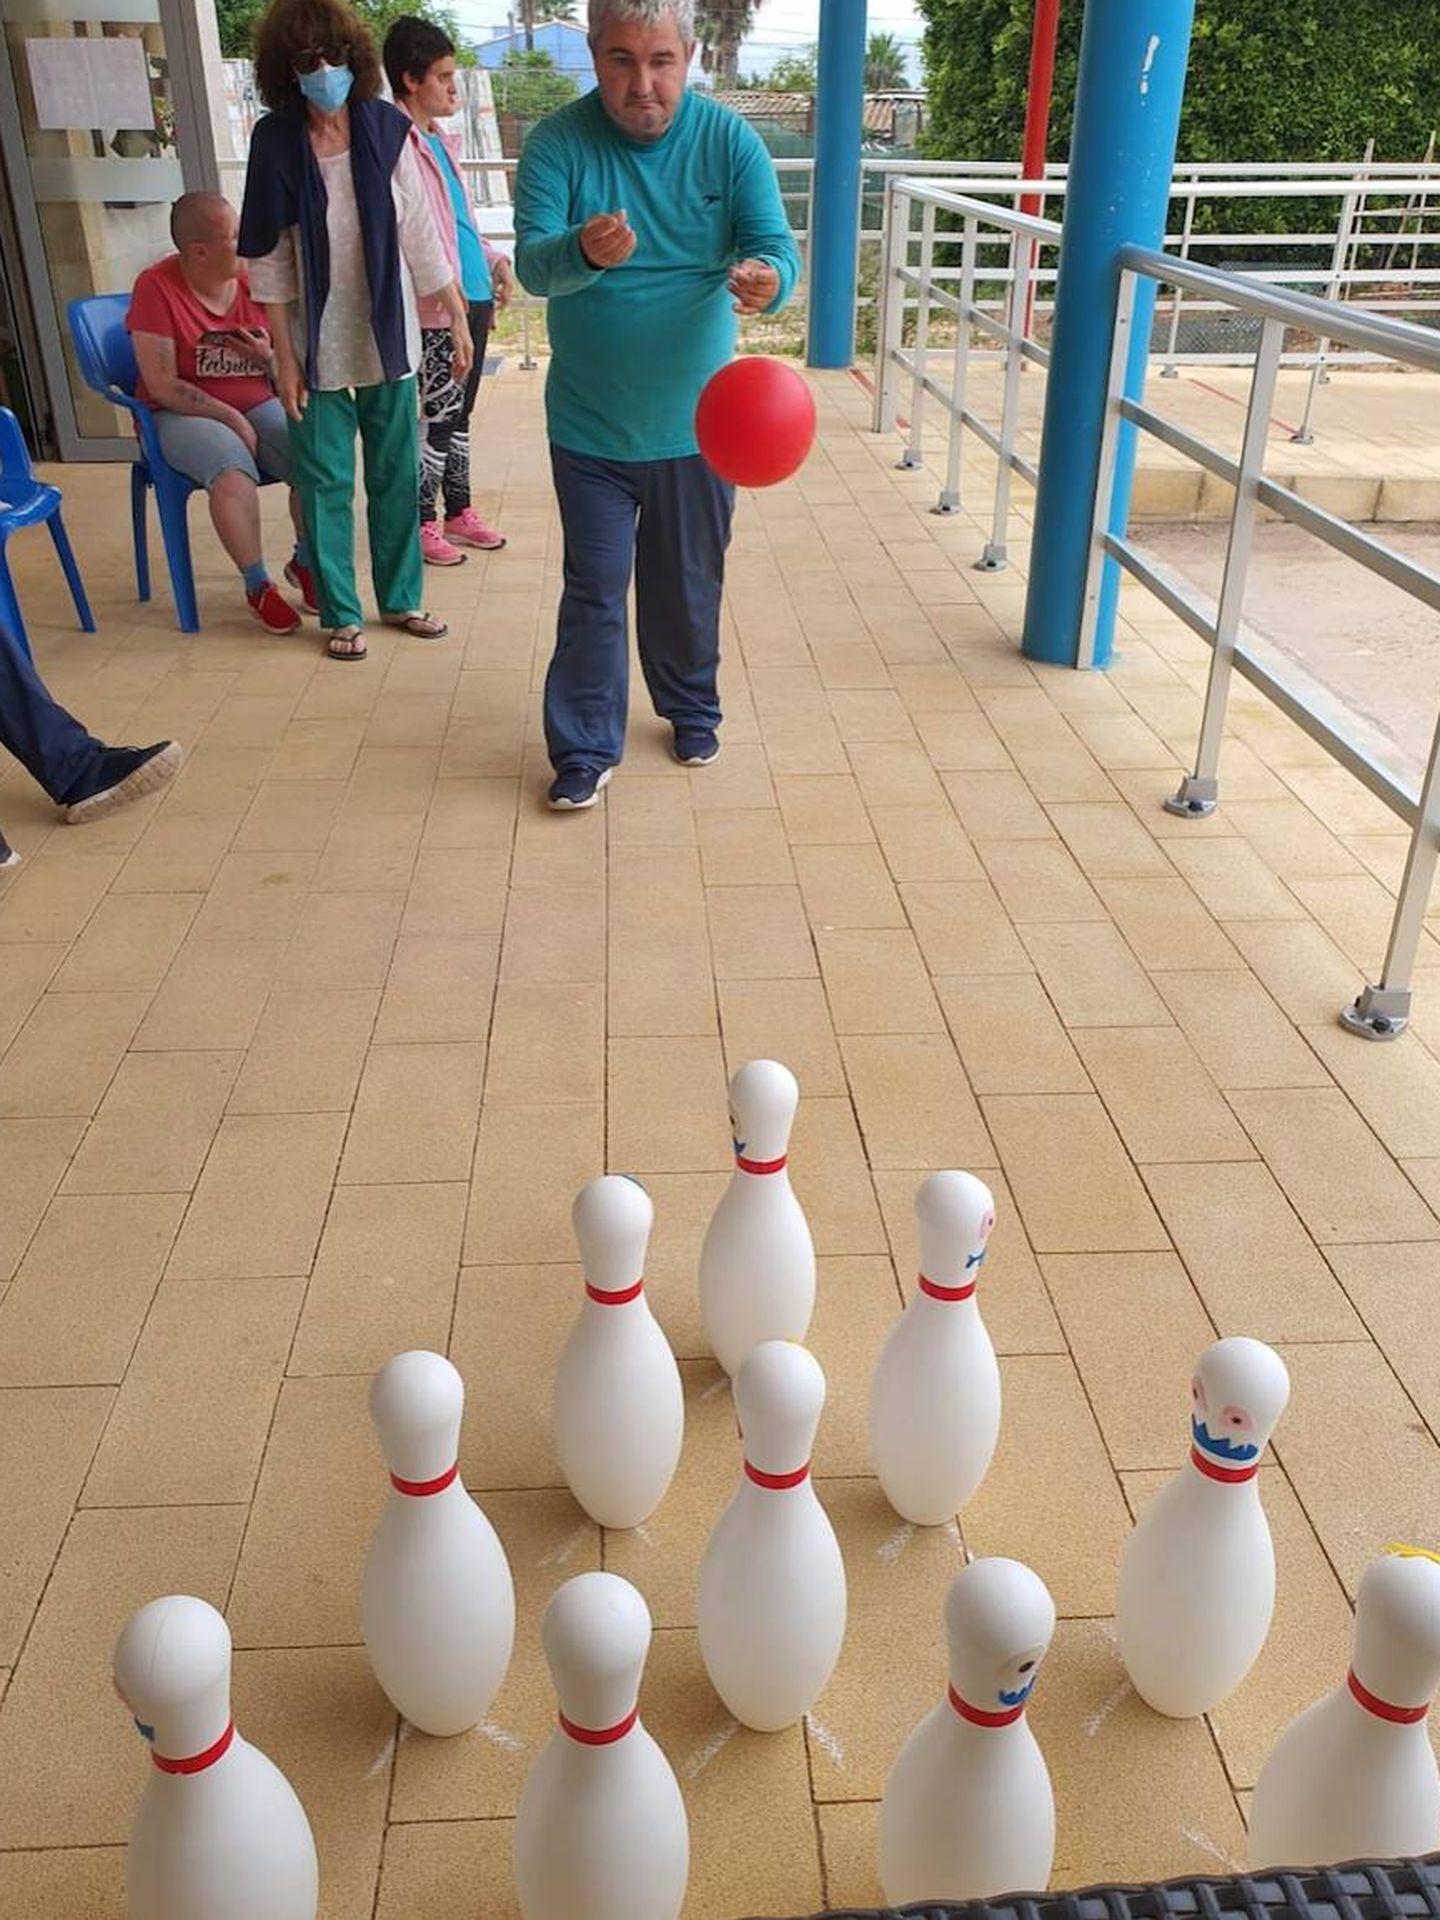 Usuarios del centro de discapacitados La Xara, de Denia.